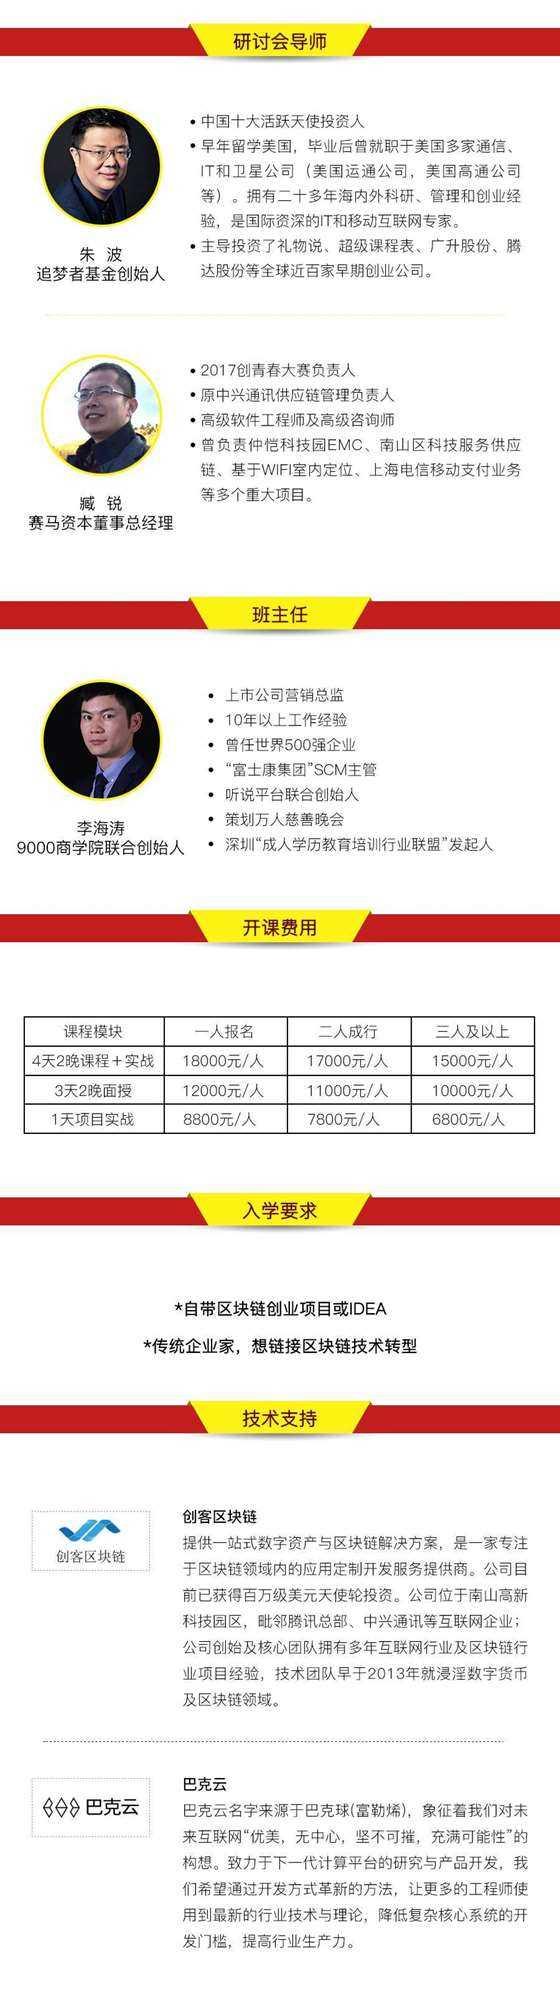 区块链创业投资板-长图_03.jpg